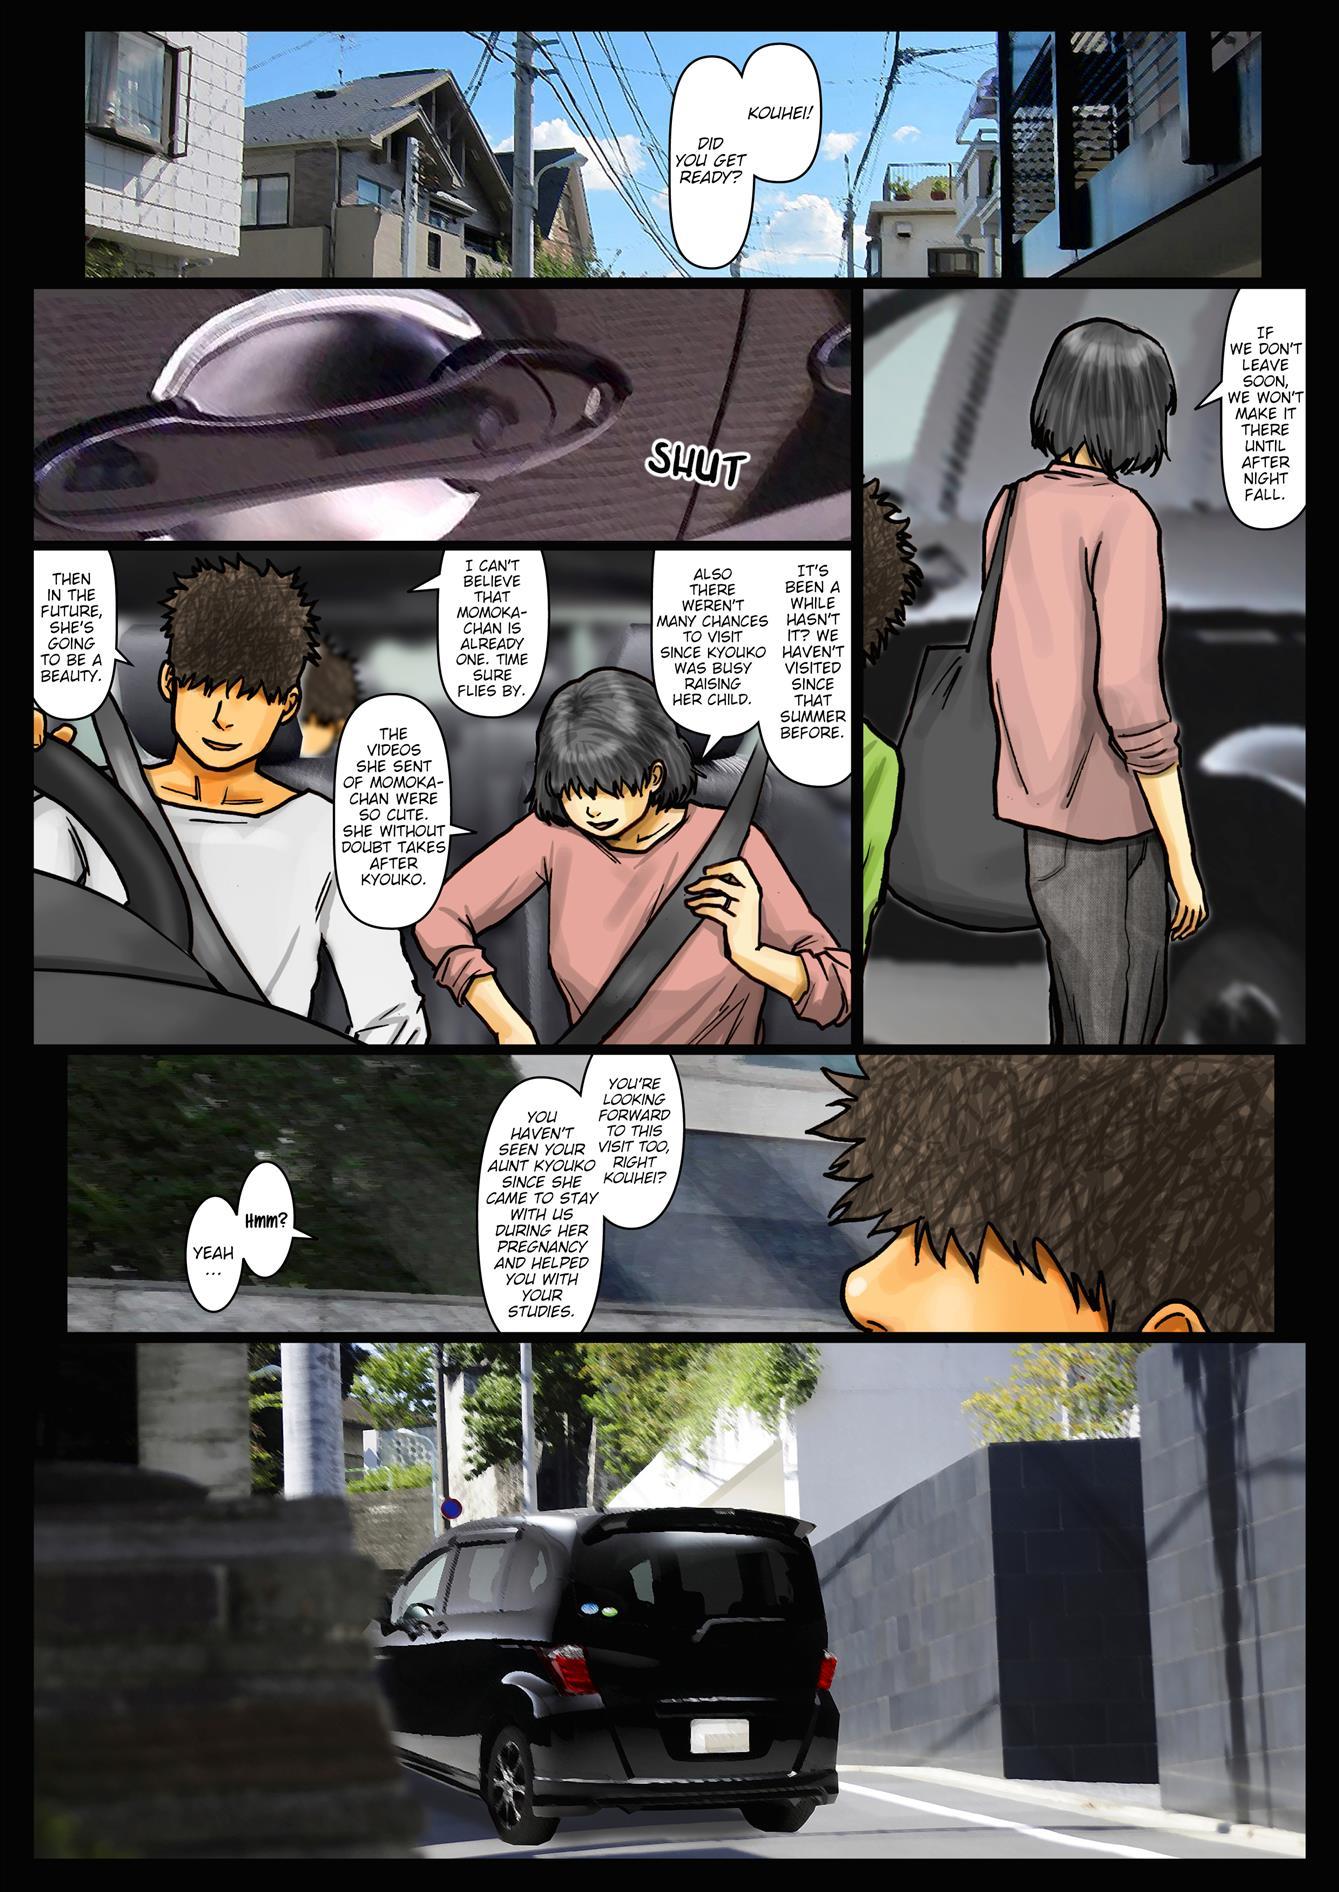 Oba-san no Karada ga Kimochiyo Sugiru kara ~Boku no Oba-san wa Chou Meiki Datta~ 2